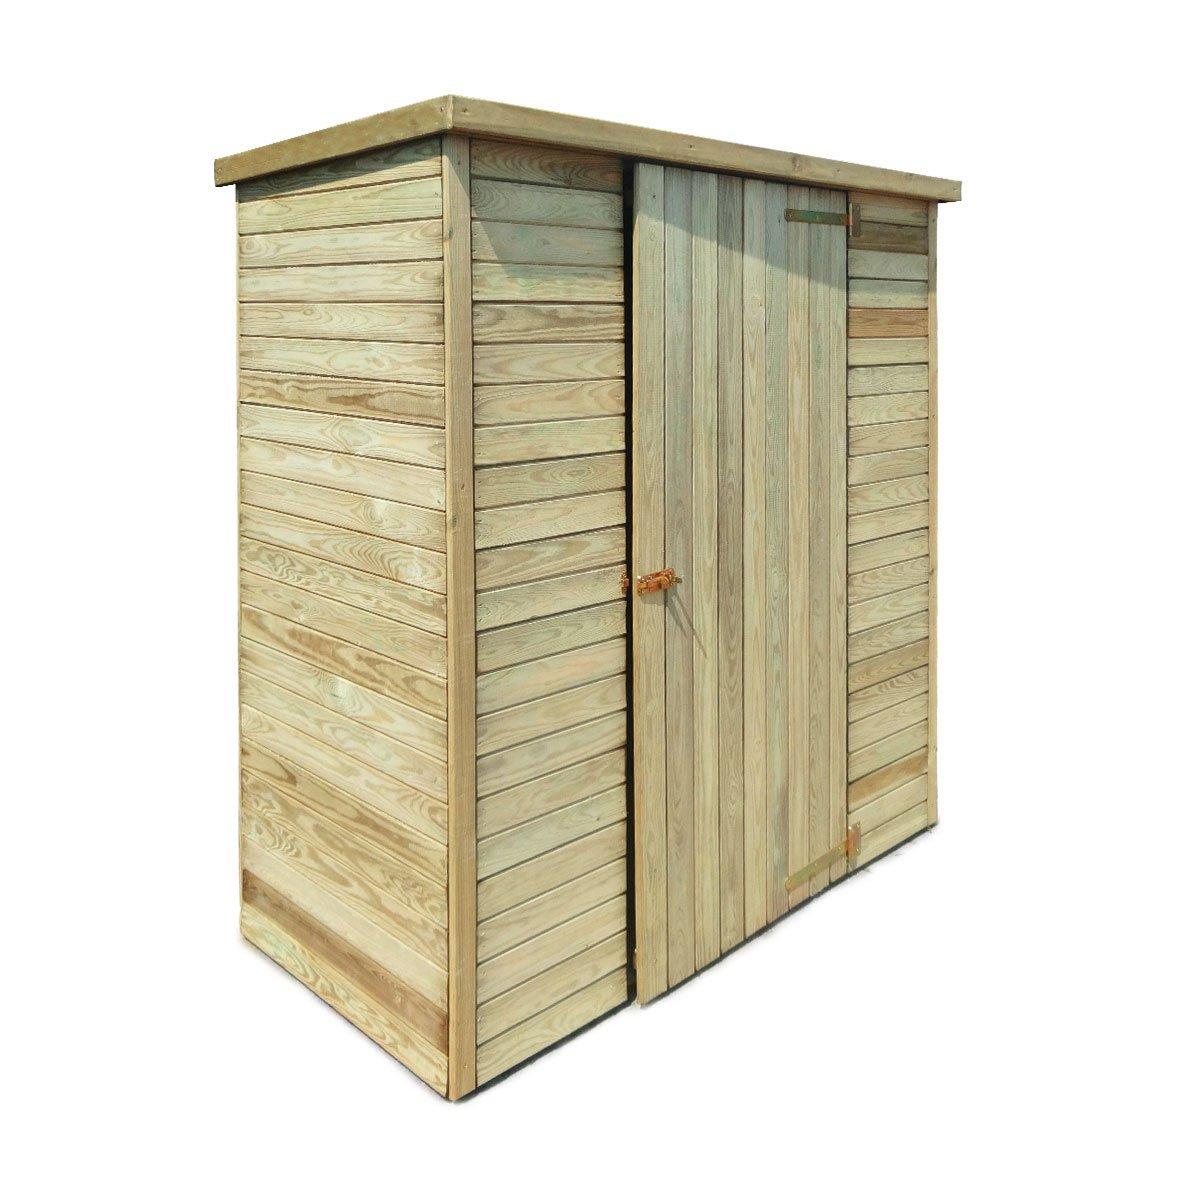 Abri De Jardin En Bois Marie 0.92 M² - Achat/vente D'abris ... à Abri De Jardin Pas Cher En Bois